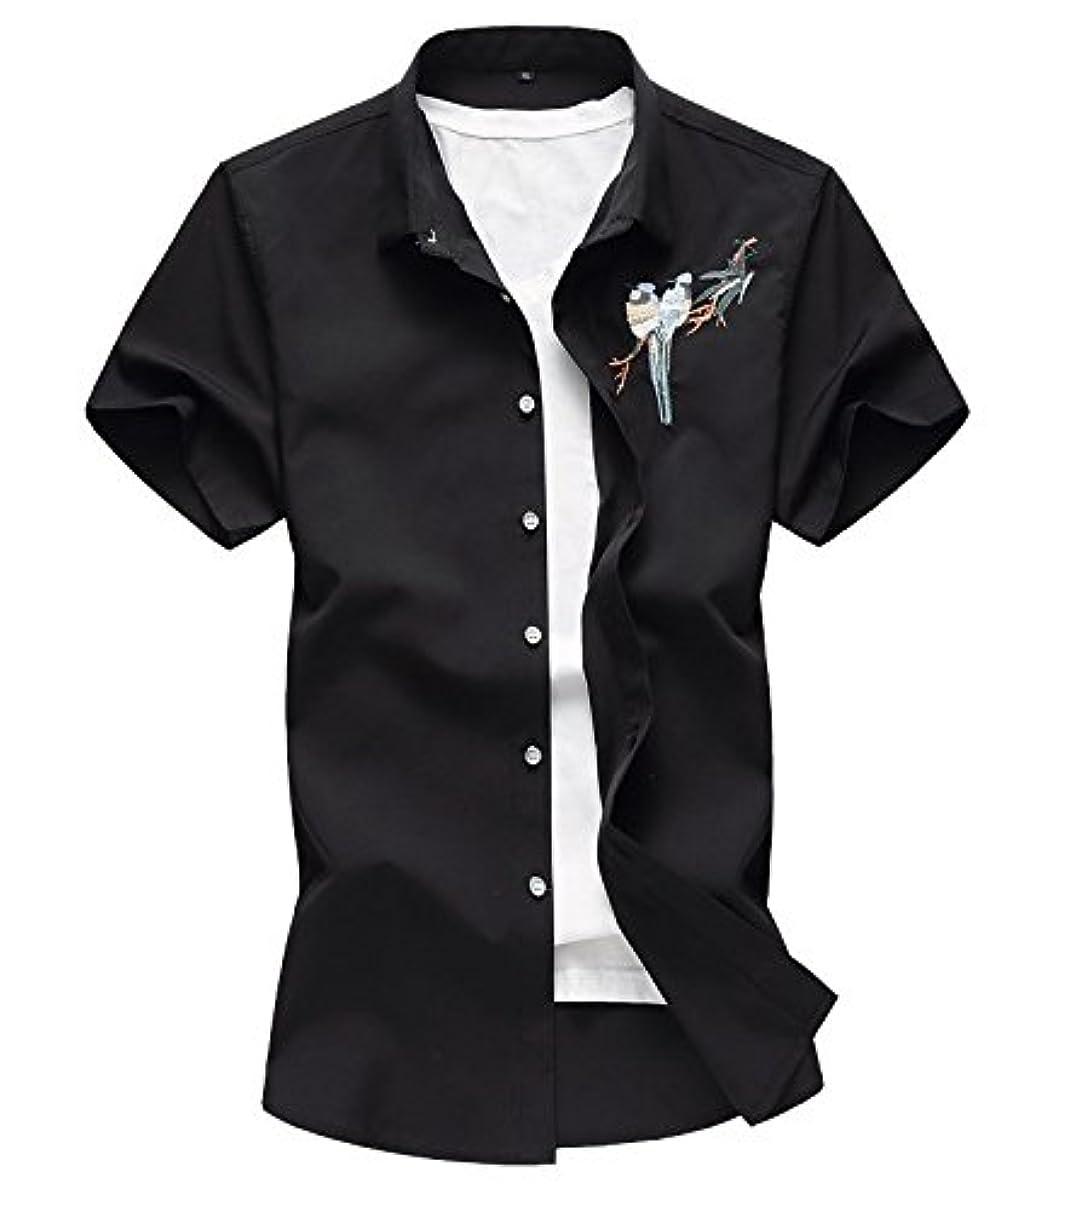 荒らすペルー家畜PP&DD T-シャツ 半袖 メンズ ハワイ風 綿麻 サーフ おしゃれ ゆったり 爽やか カジュアル 通気速乾 リゾート風  鳥刺繍 4色 大きいサイズあり